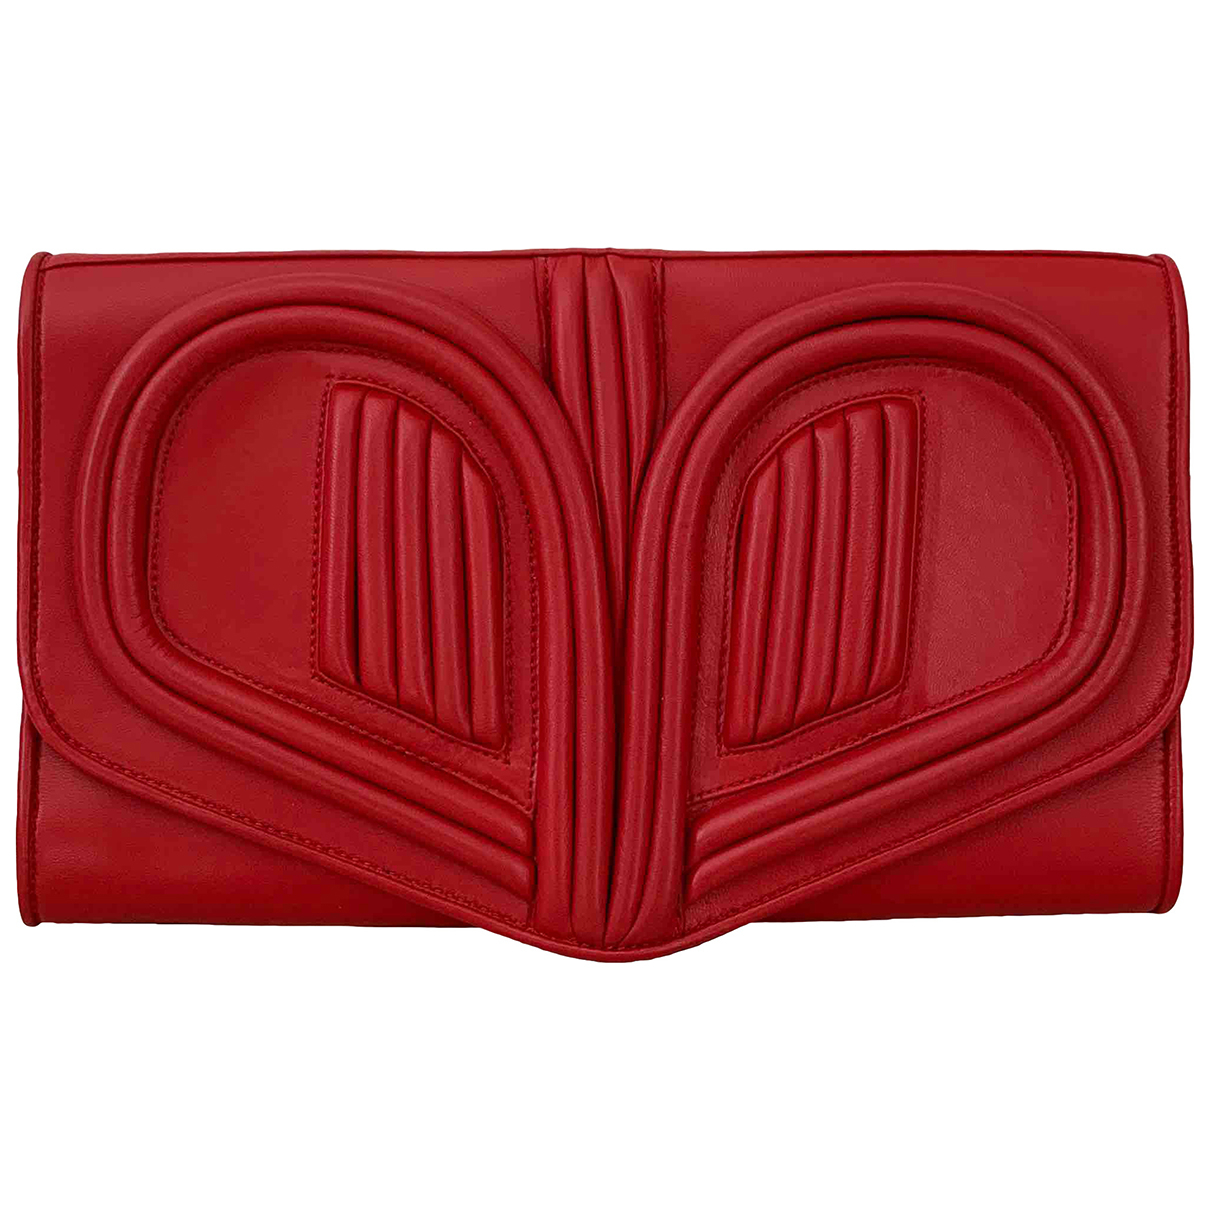 Bora Aksu \N Clutch in  Rot Leder